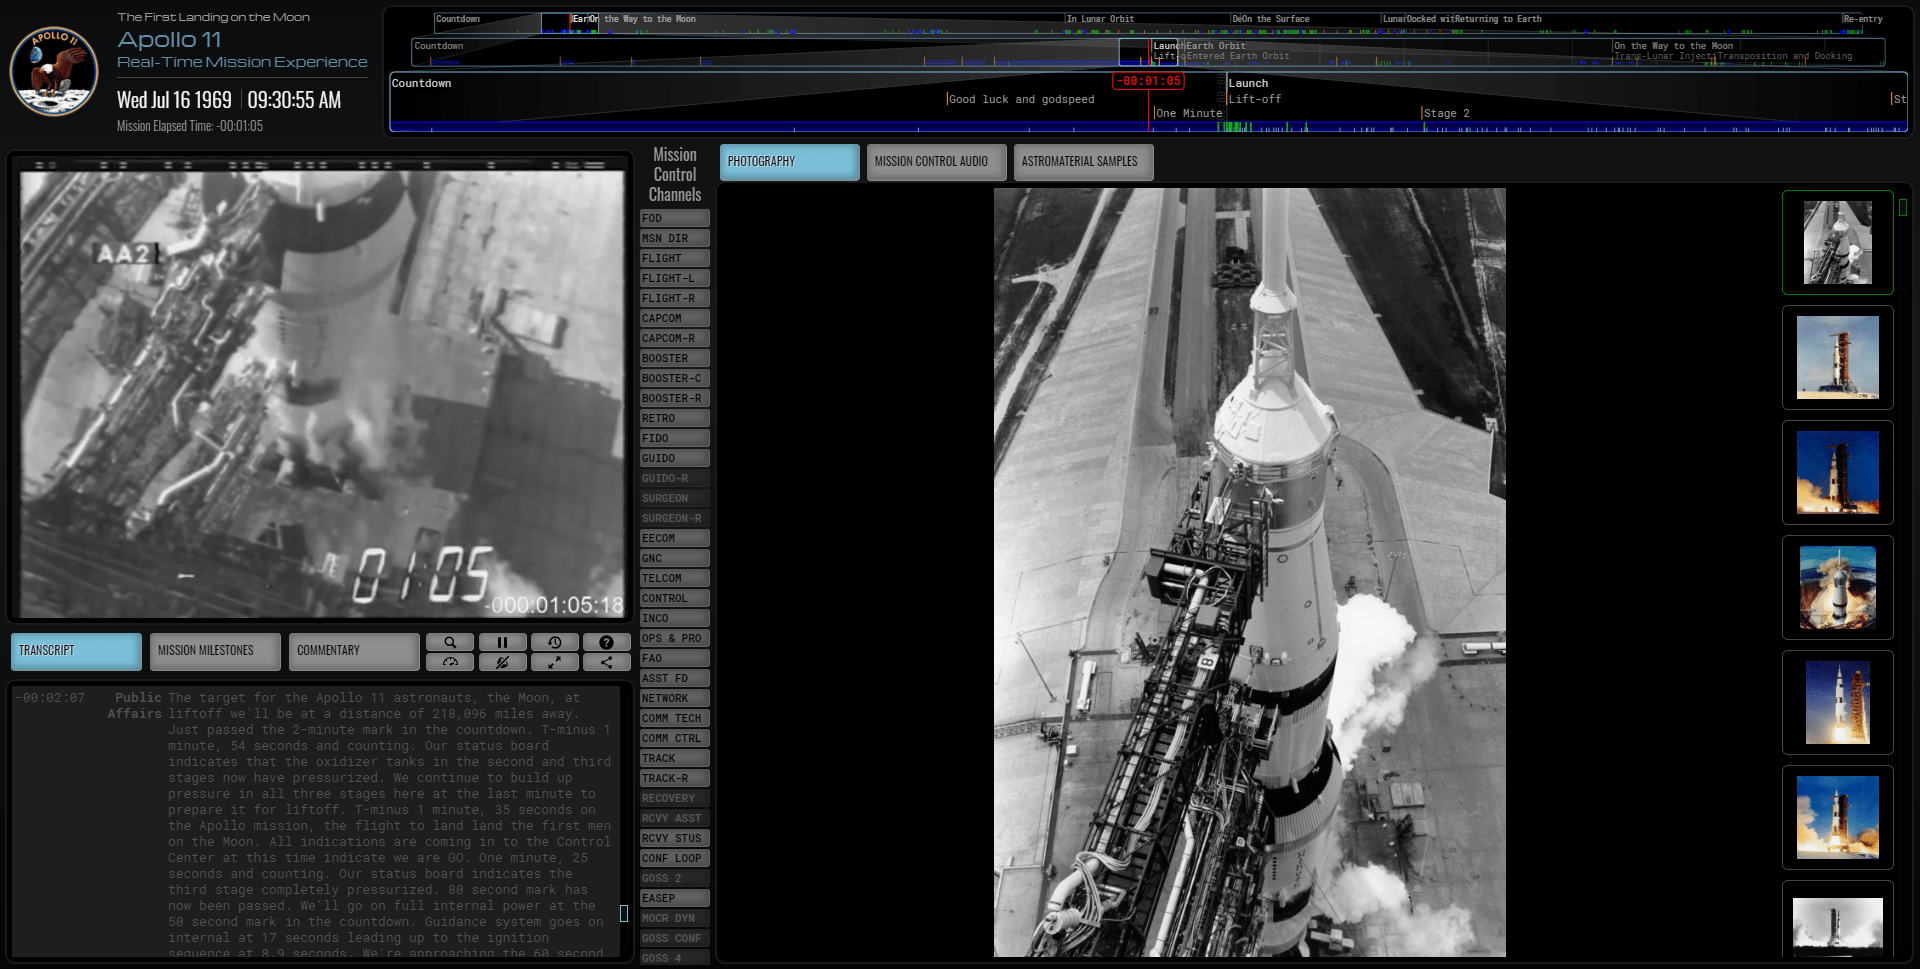 NASA revive la mision Apollo 11 en tiempo real